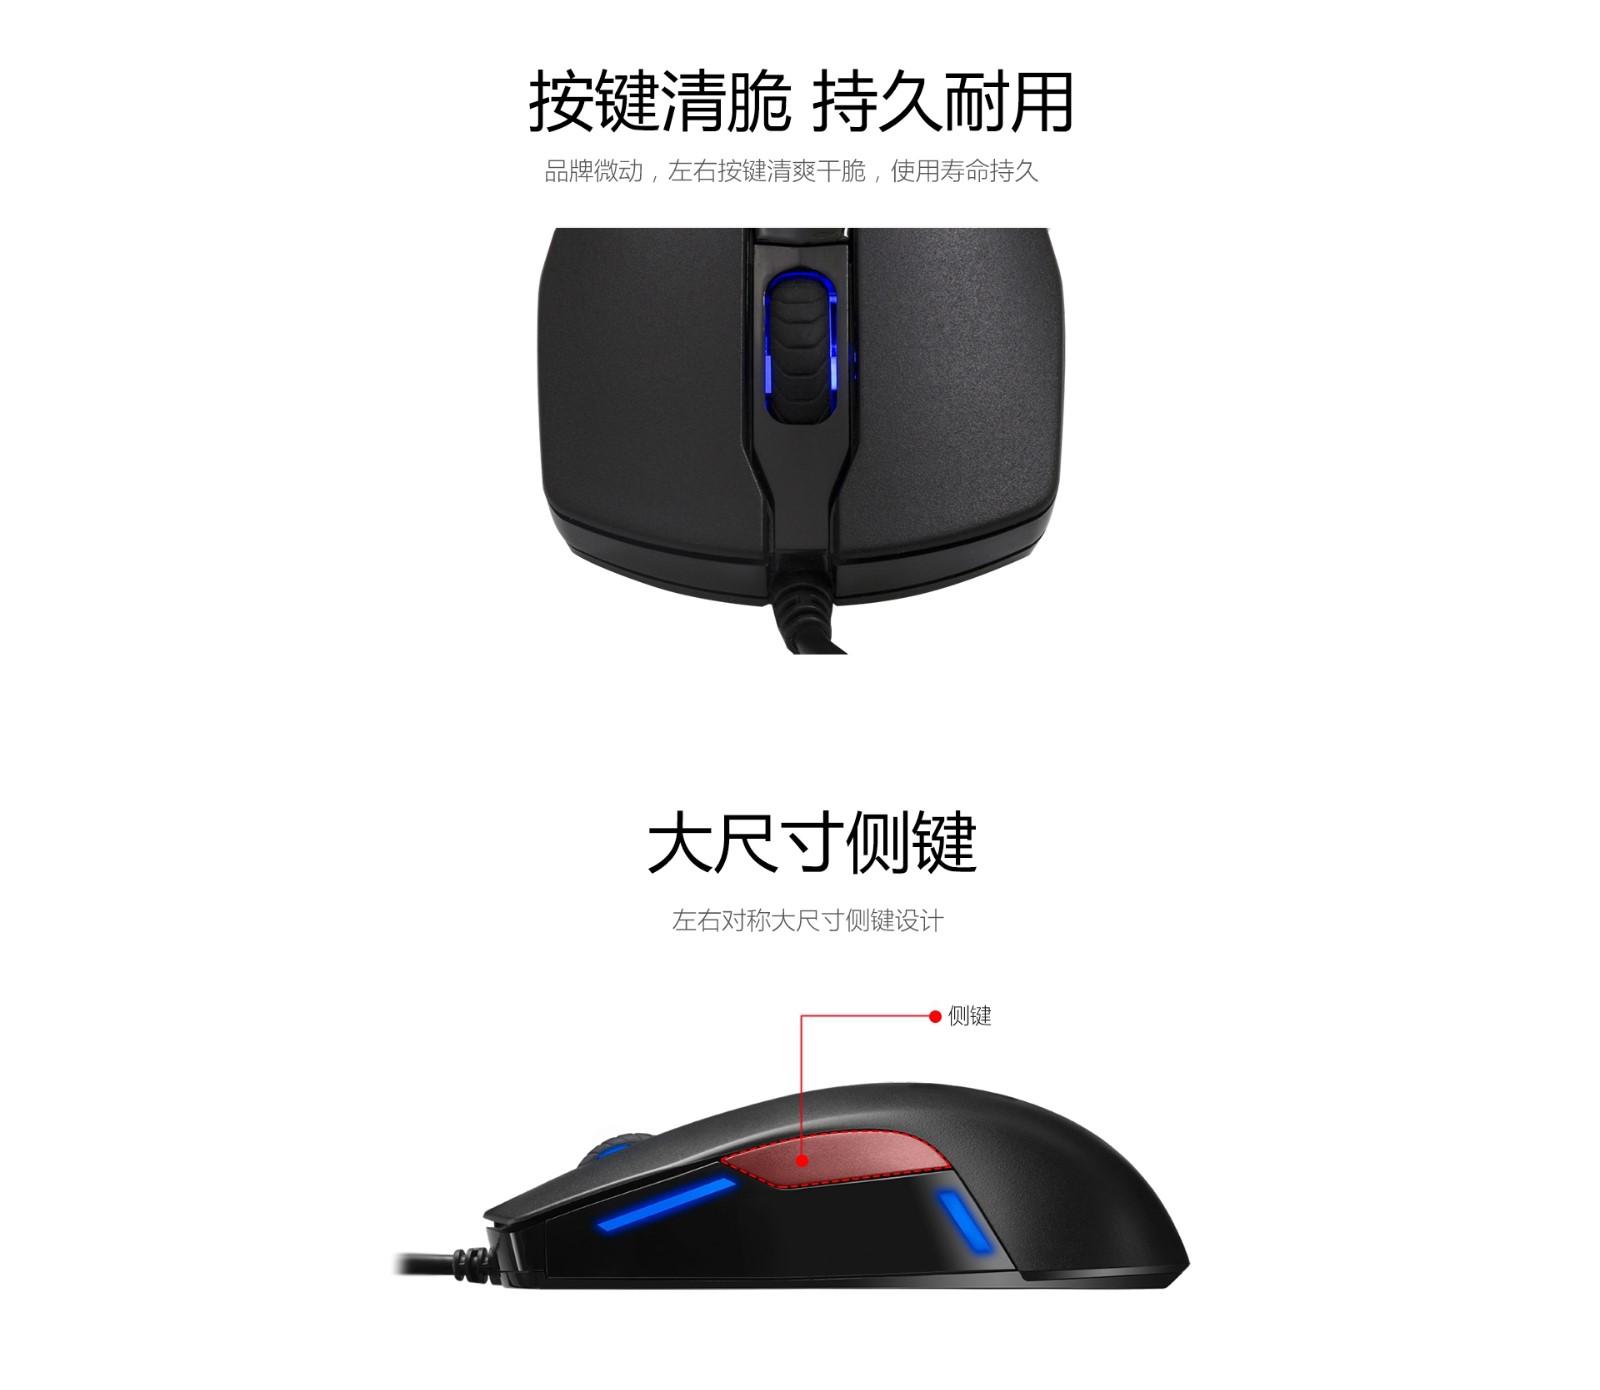 MC4000鼠标详情页4.jpg